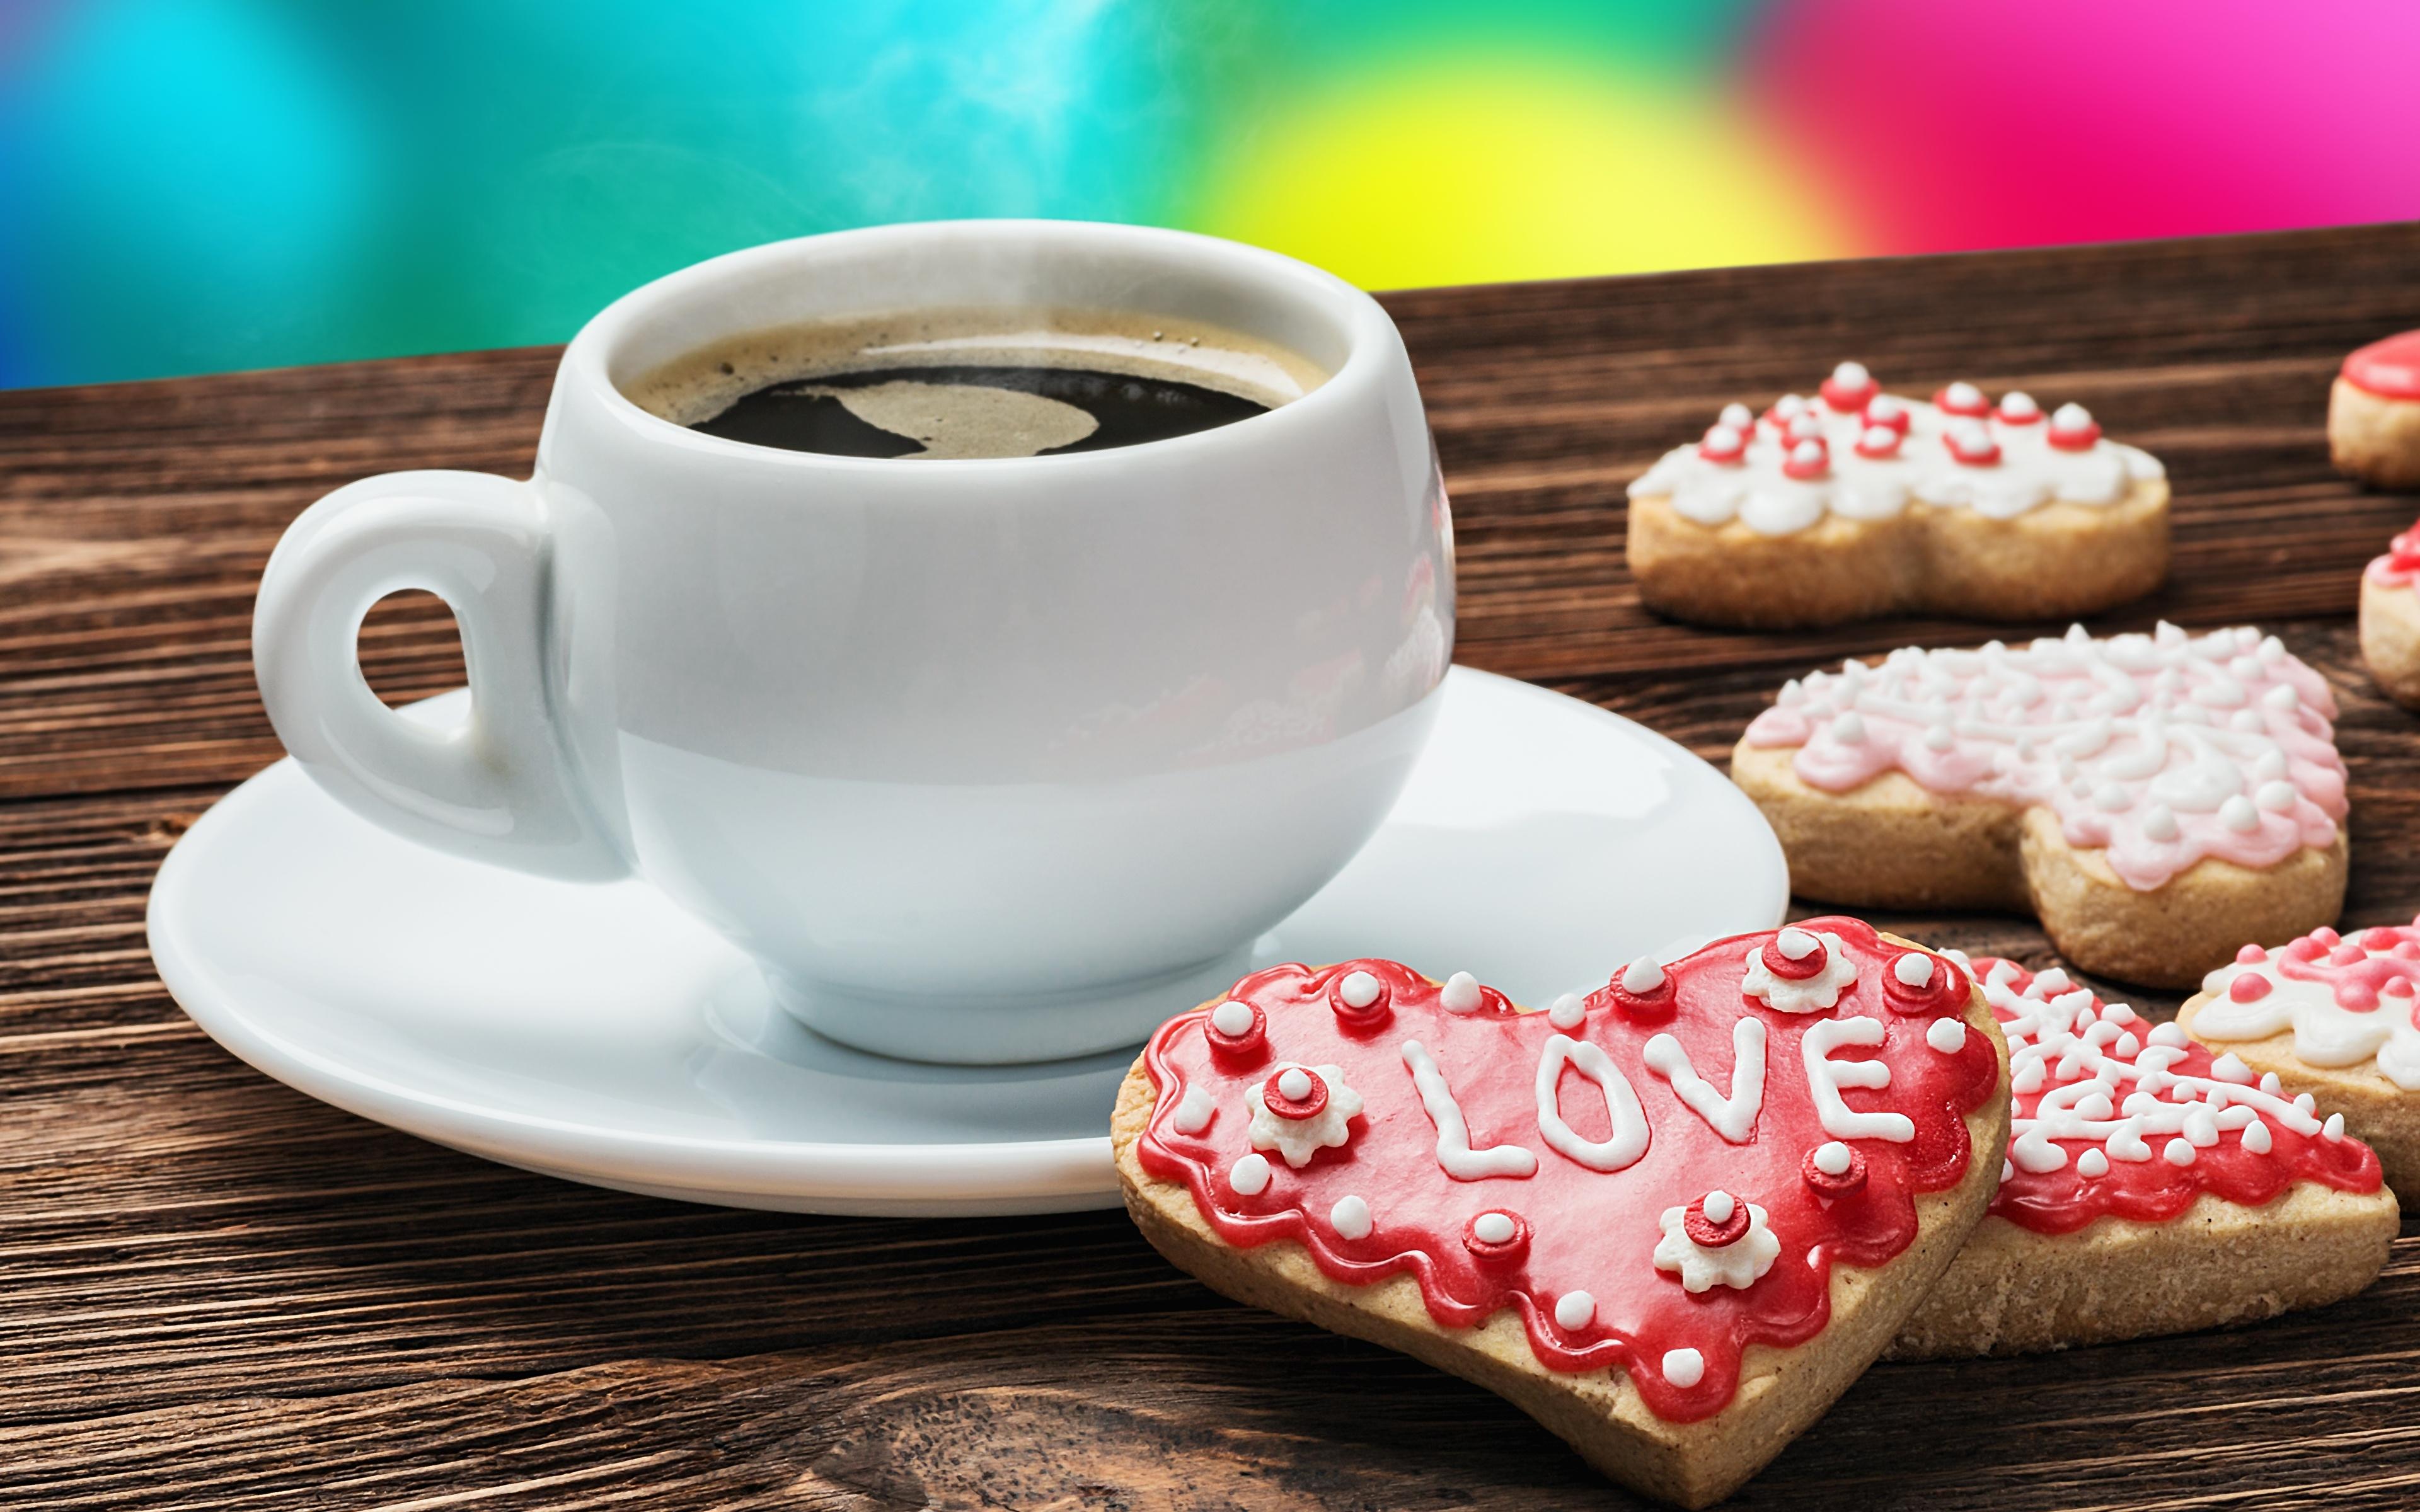 еда печенье кружка food cookies mug  № 2147335 без смс